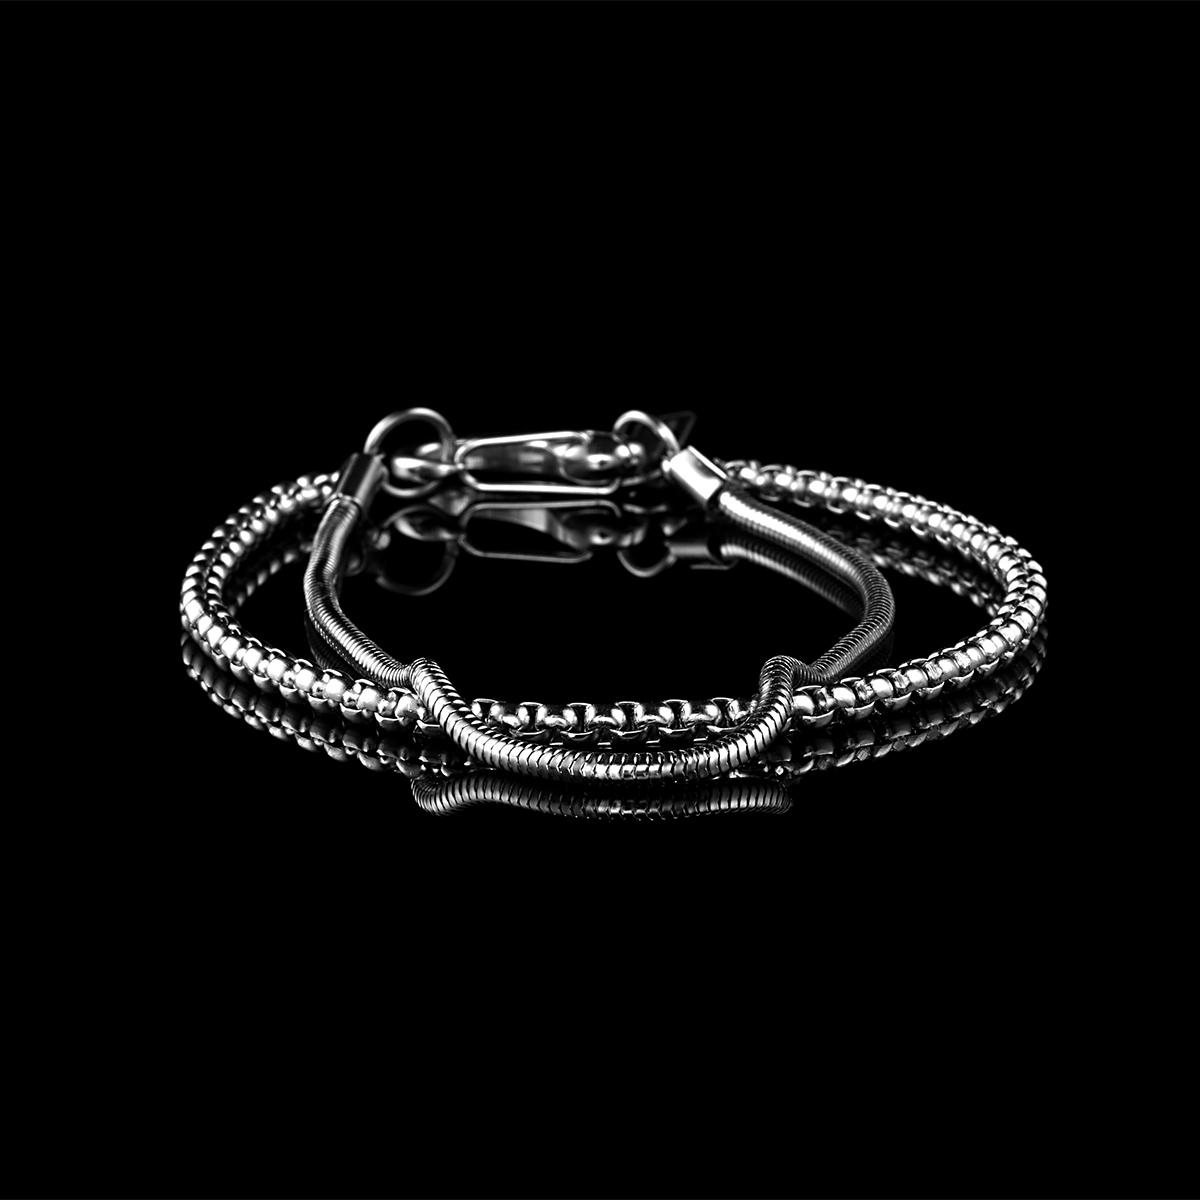 Cesar Oliveira Fotografia - Fotografo de produto, moda e publicade - Fotografia de joalharia - pulseiras - bracelets - 23.jpg